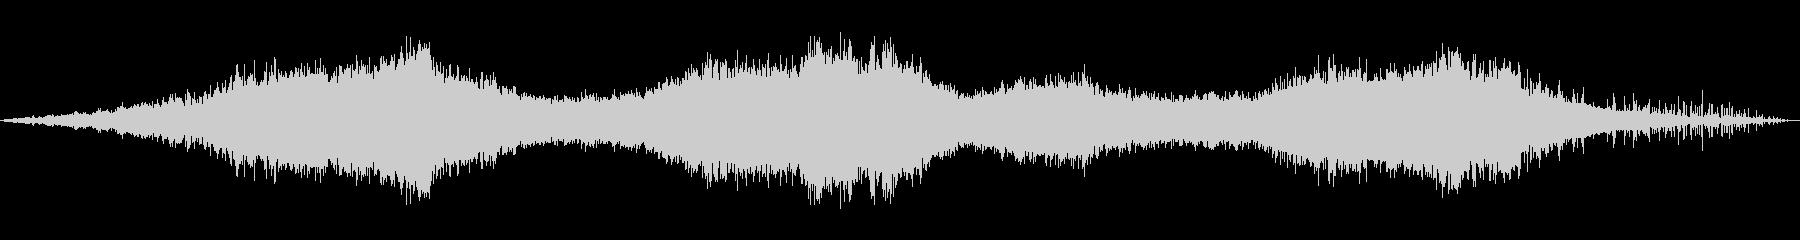 蓄音機から流れてるようなホラー楽曲の未再生の波形